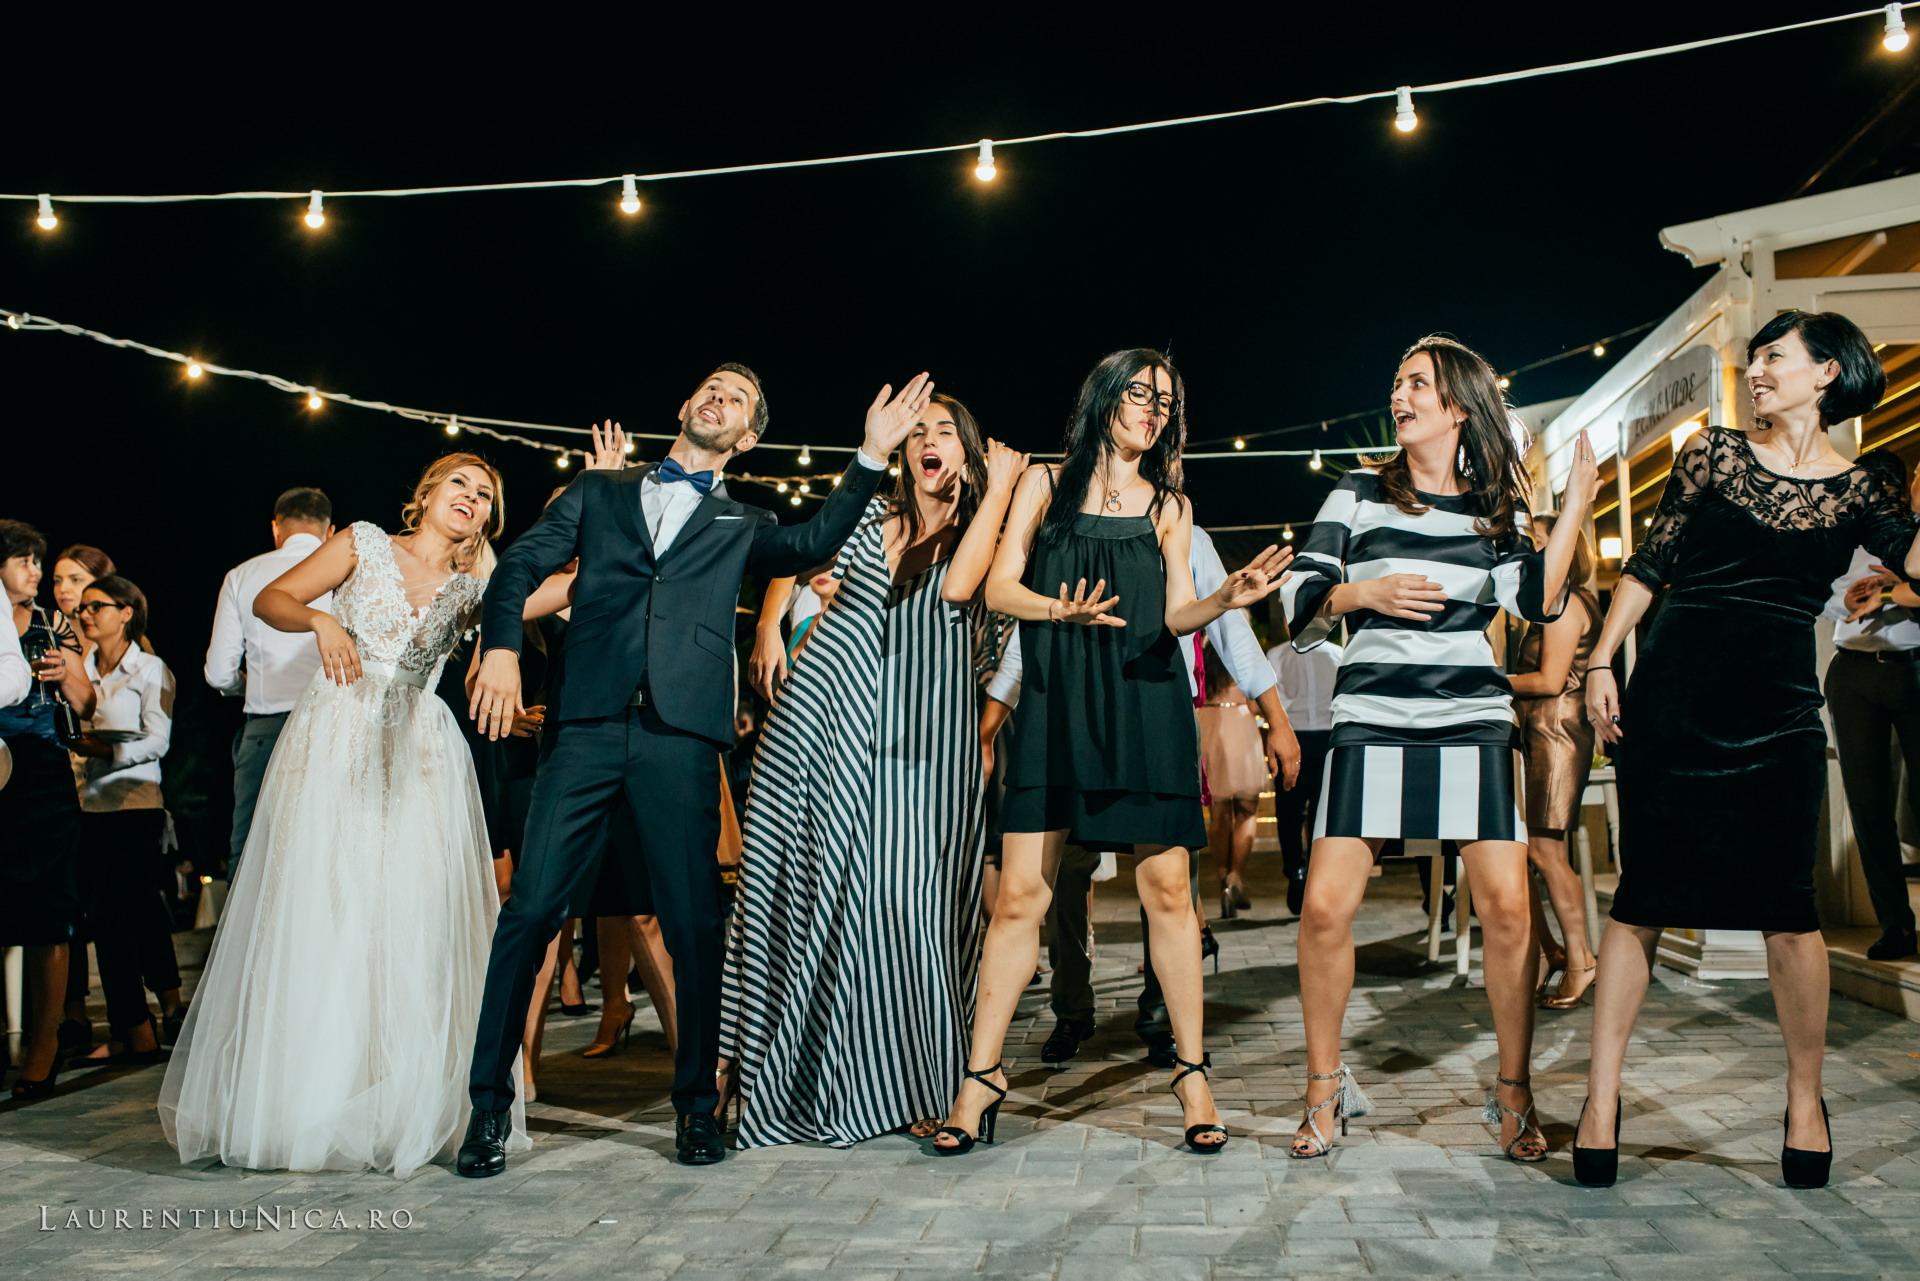 carolina si sorin craiova fotograf nunta laurentiu nica81 - Carolina & Sorin | Fotografii nunta